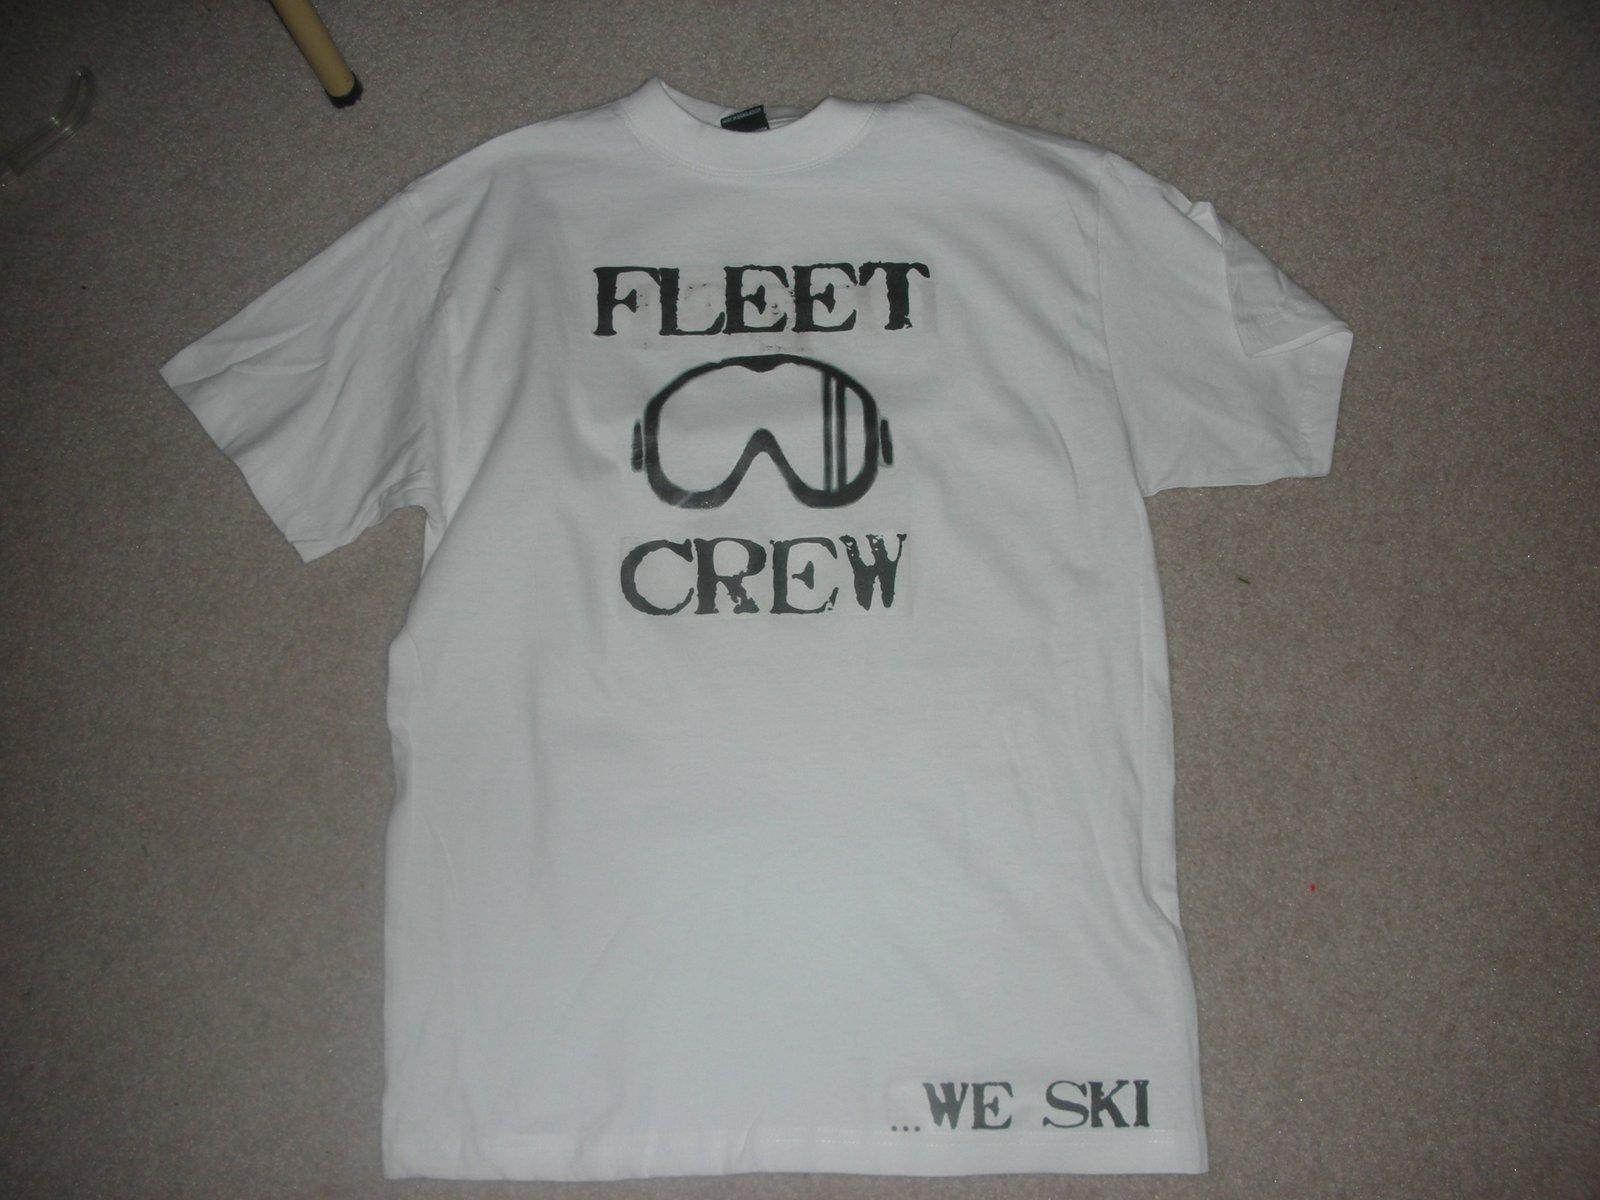 Custom Tall Tees. Fleet Crew.